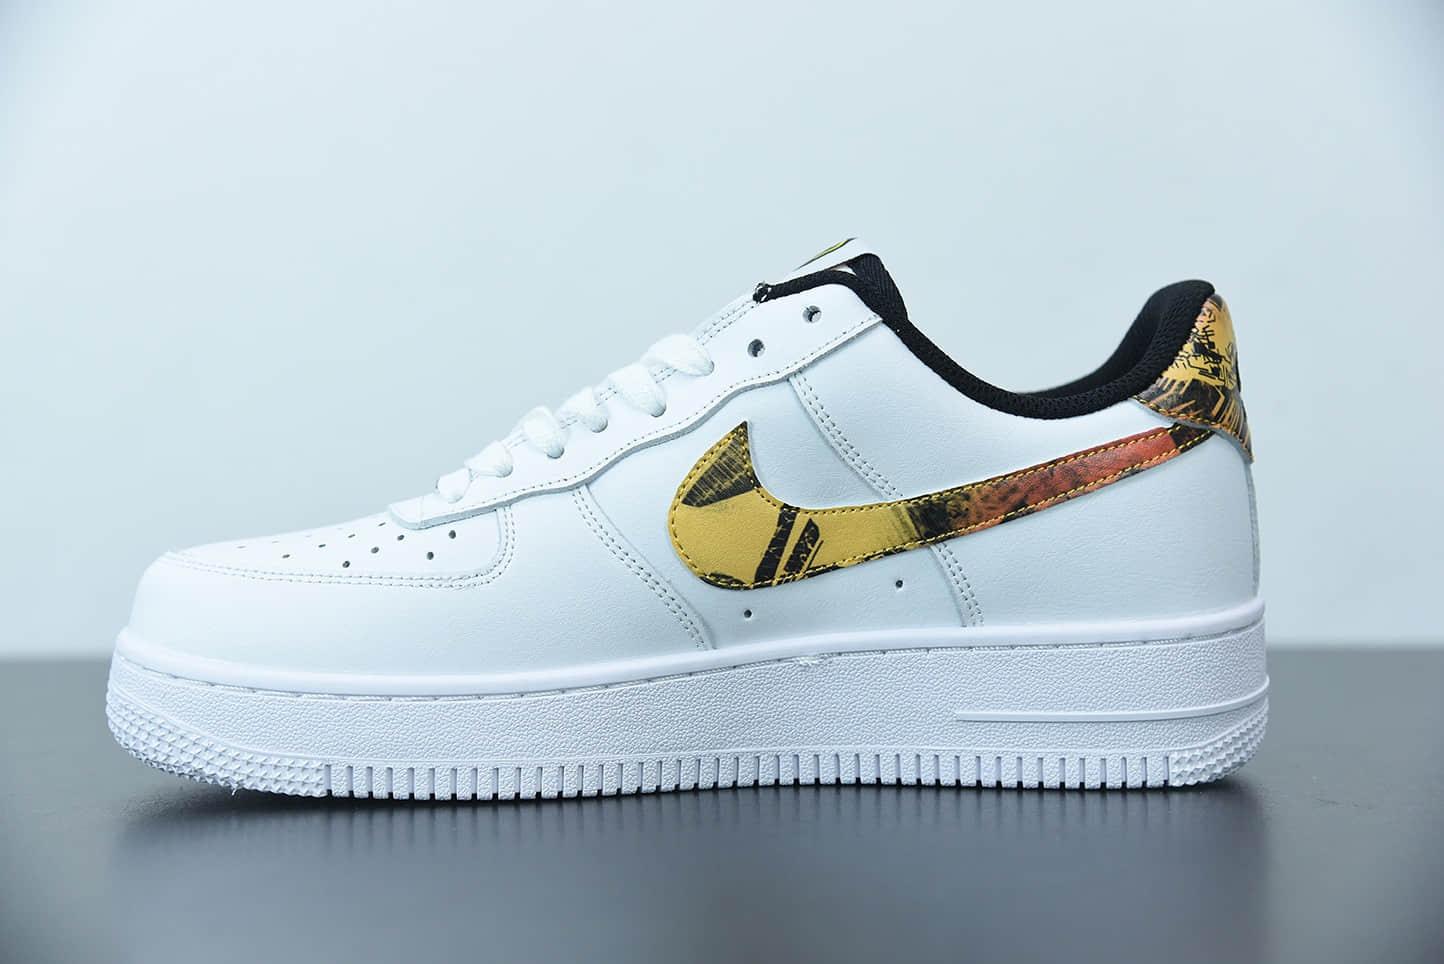 耐克Nike Air Force 1 Low 空军一号扑克牌鬼脸彩绘休闲运动板鞋纯原版本 货号:DM7578-100